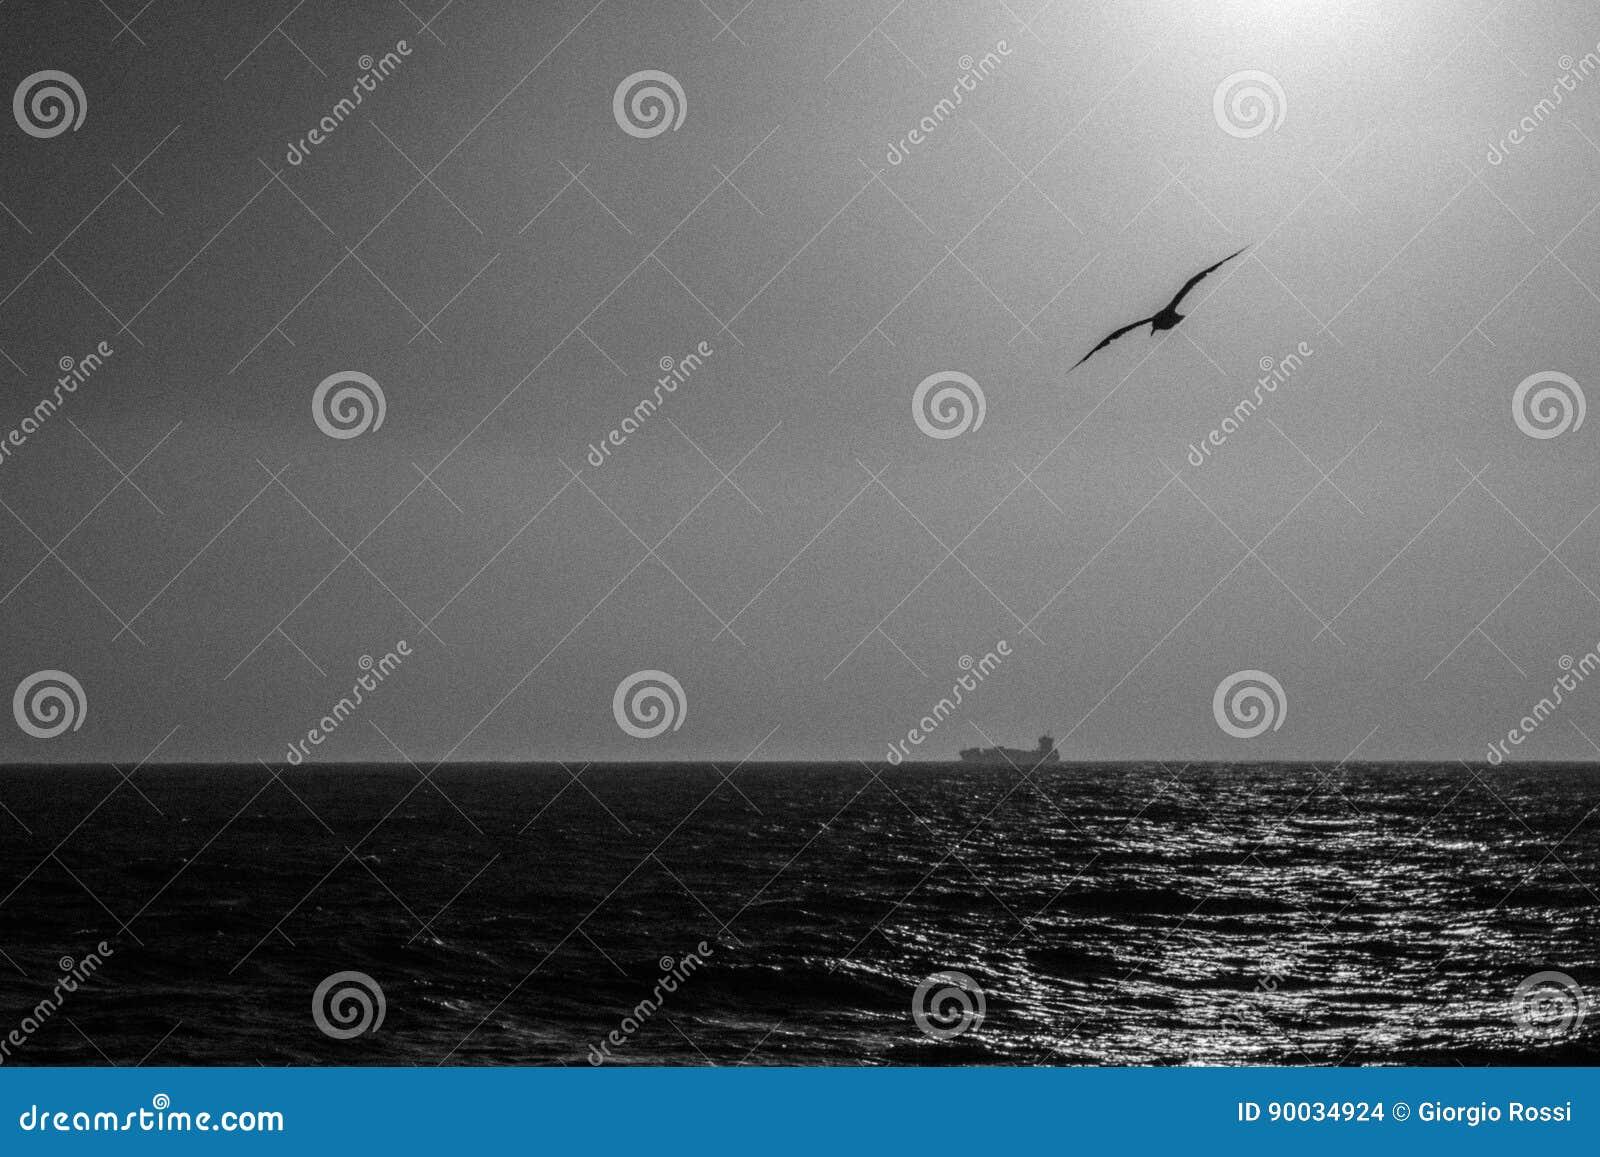 Море а над морем чайки скачать.